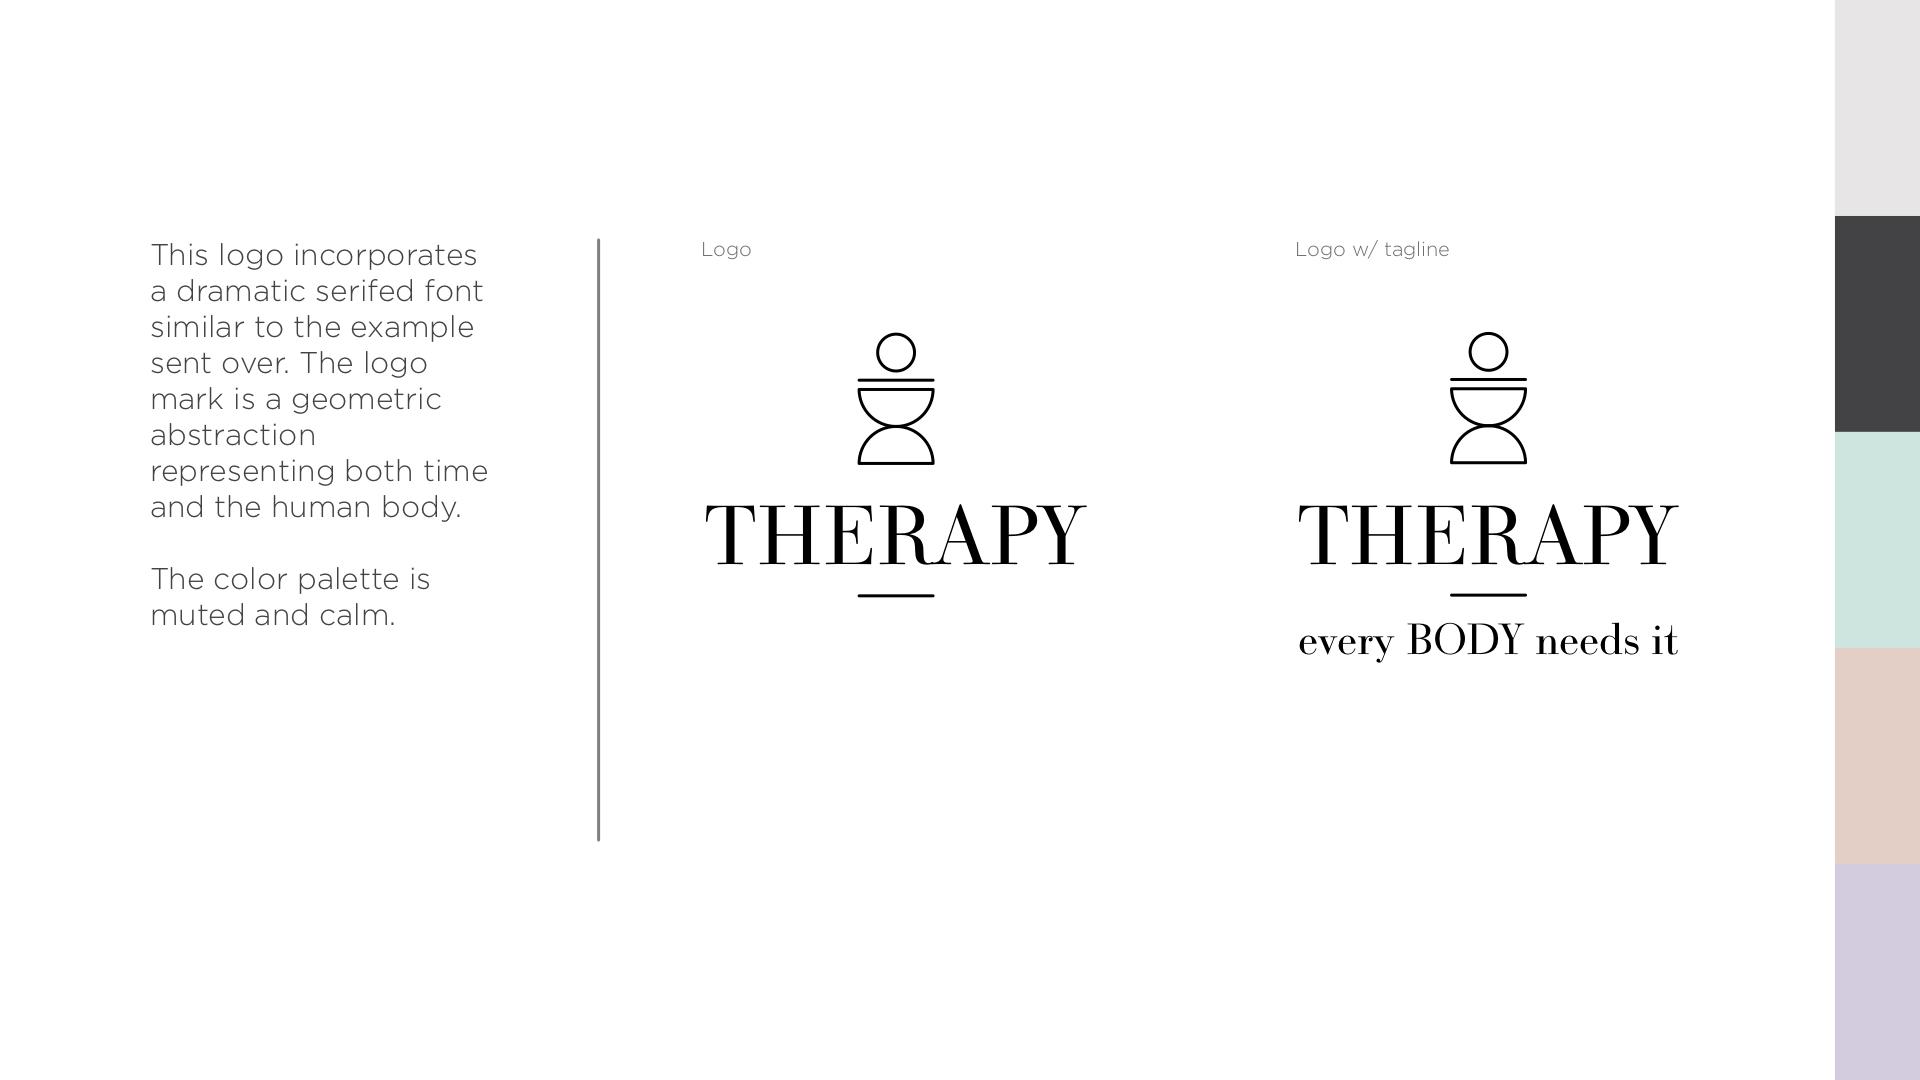 TherapyLogo_v1-1.jpg